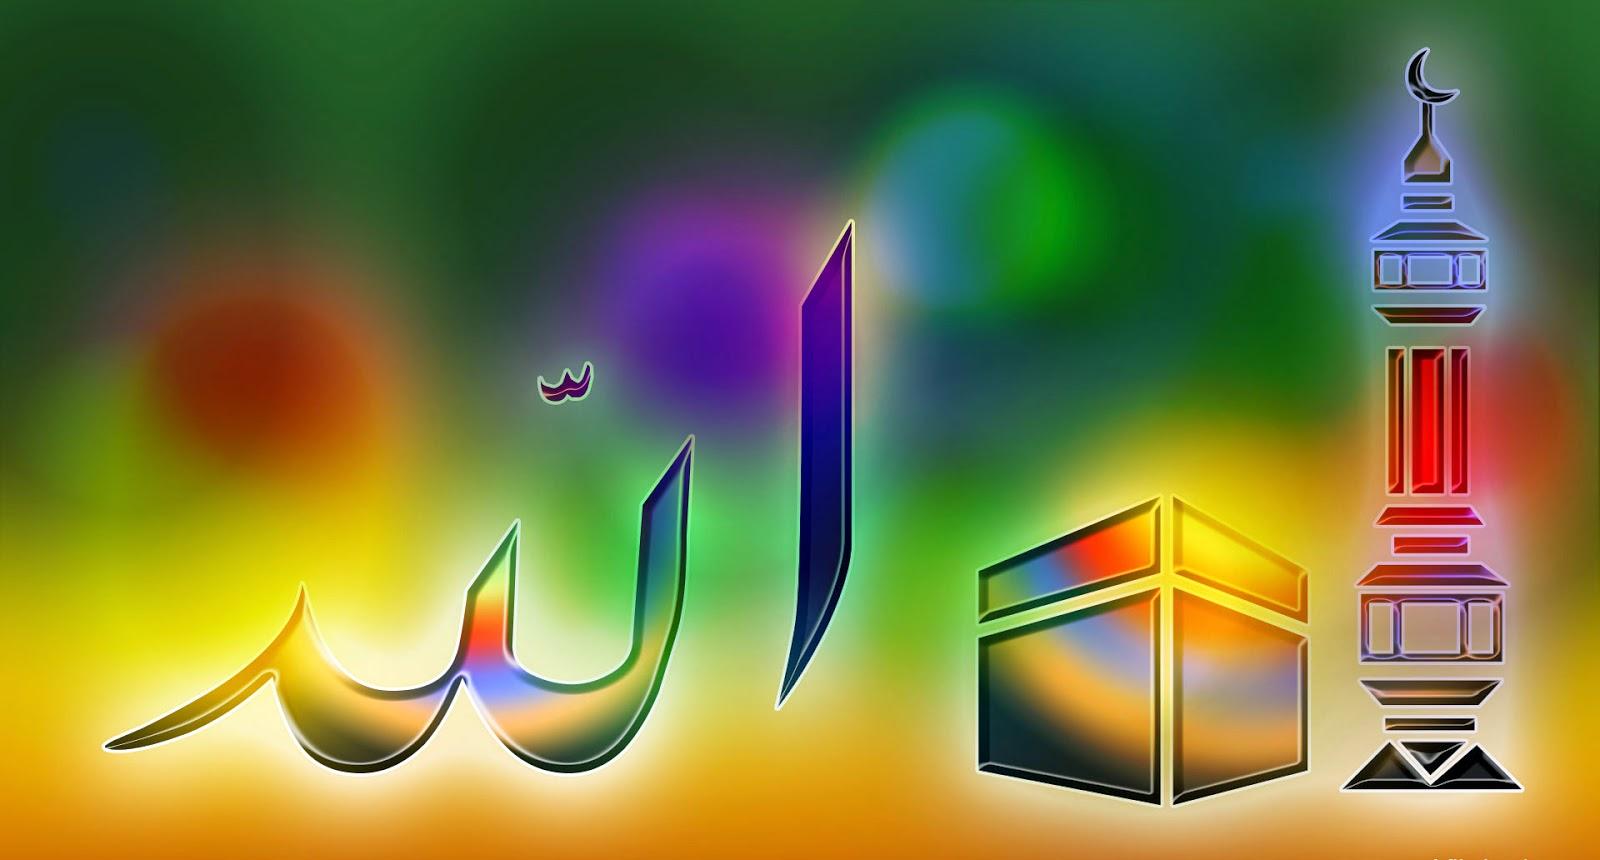 Allinallwalls : ALLAH name Desktop Wallpaper, Allah hd wallpaper, Allah Name Islam-Images ...